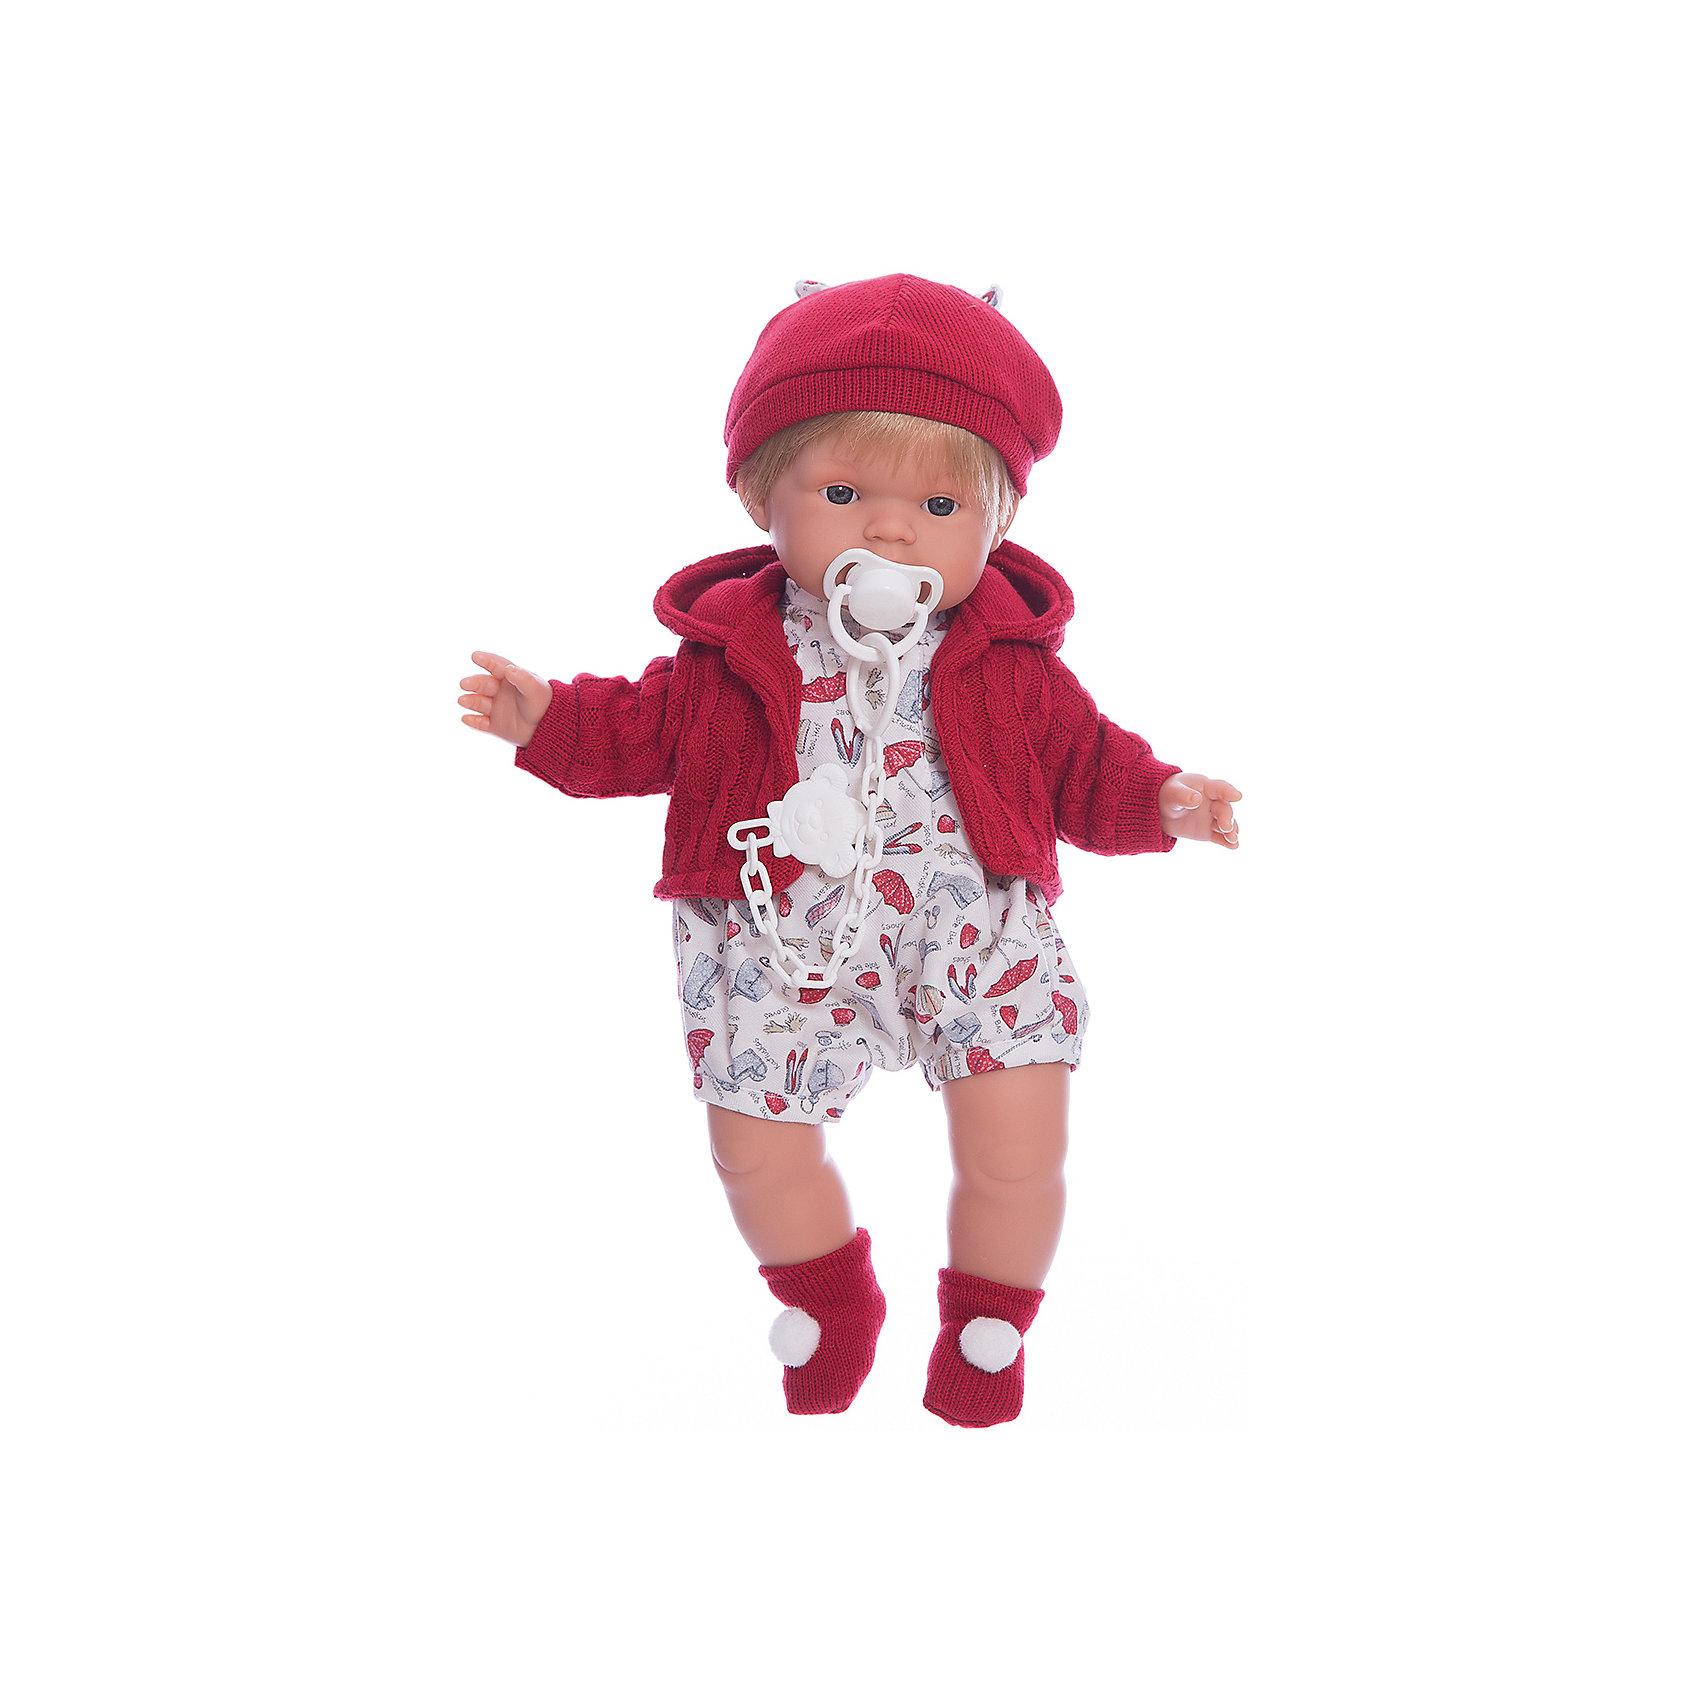 Кукла Саша, 38 см, LlorensХарактеристики:<br><br>• Предназначение: для сюжетно-ролевых игр<br>• Тип куклы: мягконабивная<br>• Пол куклы: мальчик <br>• Цвет волос: блондин<br>• Материал: поливинилхлорид, пластик, нейлон, текстиль<br>• Цвет: красный, белый, голубой<br>• Высота куклы: 38 см<br>• Комплектация: кукла, комбинезон, вязаная кофточка с капюшоном, шапочка, пинетки, пустышка на цепочке<br>• Вес: 1 кг 050 г<br>• Размеры упаковки (Д*В*Ш): 23*45*12 см<br>• Упаковка: подарочная картонная коробка <br>• Особенности ухода: допускается деликатная стирка без использования красящих и отбеливающих средств предметов одежды куклы<br><br>Кукла Саша 38 см без звука – кукла, производителем которого является всемирно известный испанский кукольный бренд Llorens. Куклы этой торговой марки имеют свою неповторимую внешность и целую линейку образов как пупсов, так и кукол-малышей. Игрушки выполнены из сочетания поливинилхлорида и пластика, что позволяет с высокой долей достоверности воссоздать физиологические и мимические особенности маленьких детей. При изготовлении кукол Llorens используются только сертифицированные материалы, безопасные и не вызывающие аллергических реакций. Волосы у кукол отличаются густотой, шелковистостью и блеском, при расчесывании они не выпадают и не ломаются.<br>Кукла Саша 38 см без звука выполнена в образе малыша: блондин с карими глазами и курносым носиком. В комплект одежды Саши входит комбинезон, вязаная кофточка с капюшоном, шапочка с ушками и носочки с помпонами. У малыша имеется соска на цепочке-держателе. <br>Кукла Саша 38 см без звука – это идеальный вариант для подарка к различным праздникам и торжествам.<br><br>Куклу Сашу 38 см без звука можно купить в нашем интернет-магазине.<br><br>Ширина мм: 23<br>Глубина мм: 45<br>Высота мм: 12<br>Вес г: 1050<br>Возраст от месяцев: 36<br>Возраст до месяцев: 84<br>Пол: Женский<br>Возраст: Детский<br>SKU: 5086906